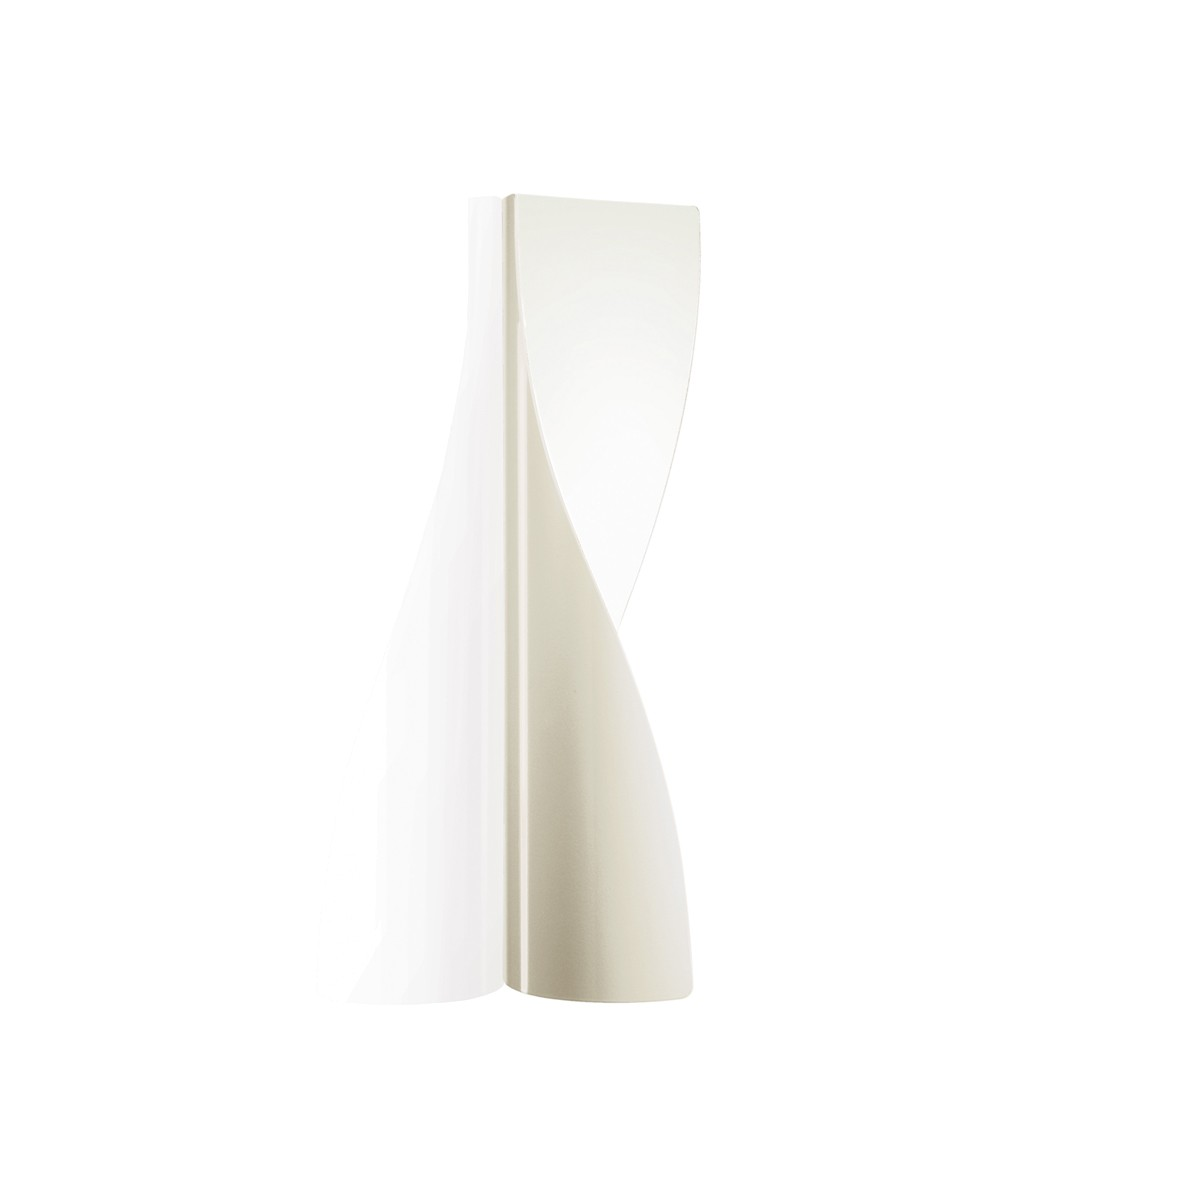 Kundalini Evita LED Wandleuchte, weiß glänzend